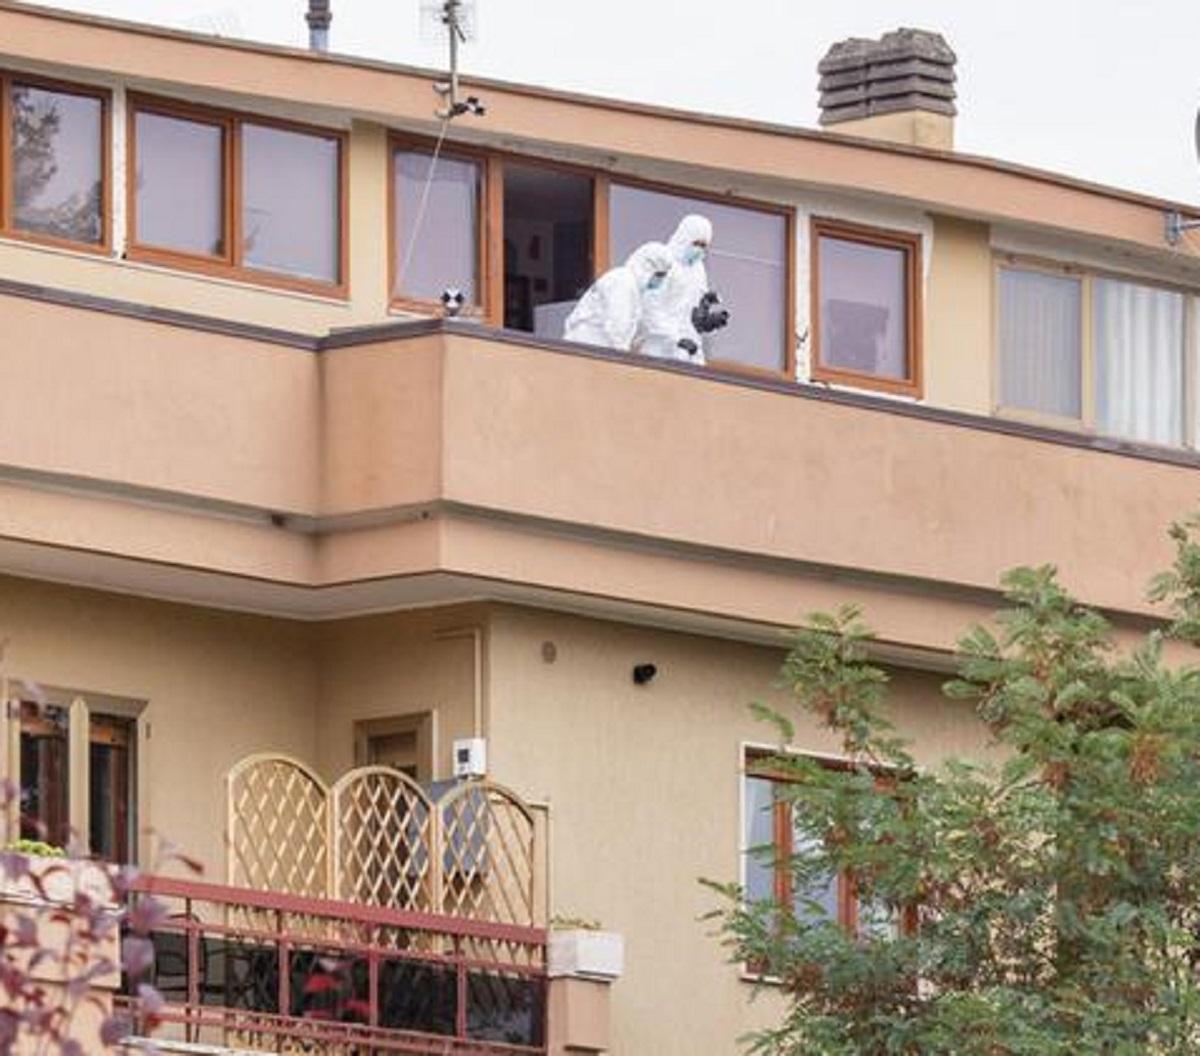 Dora Lagreca morte nuova ipotesi balcone aggrappata